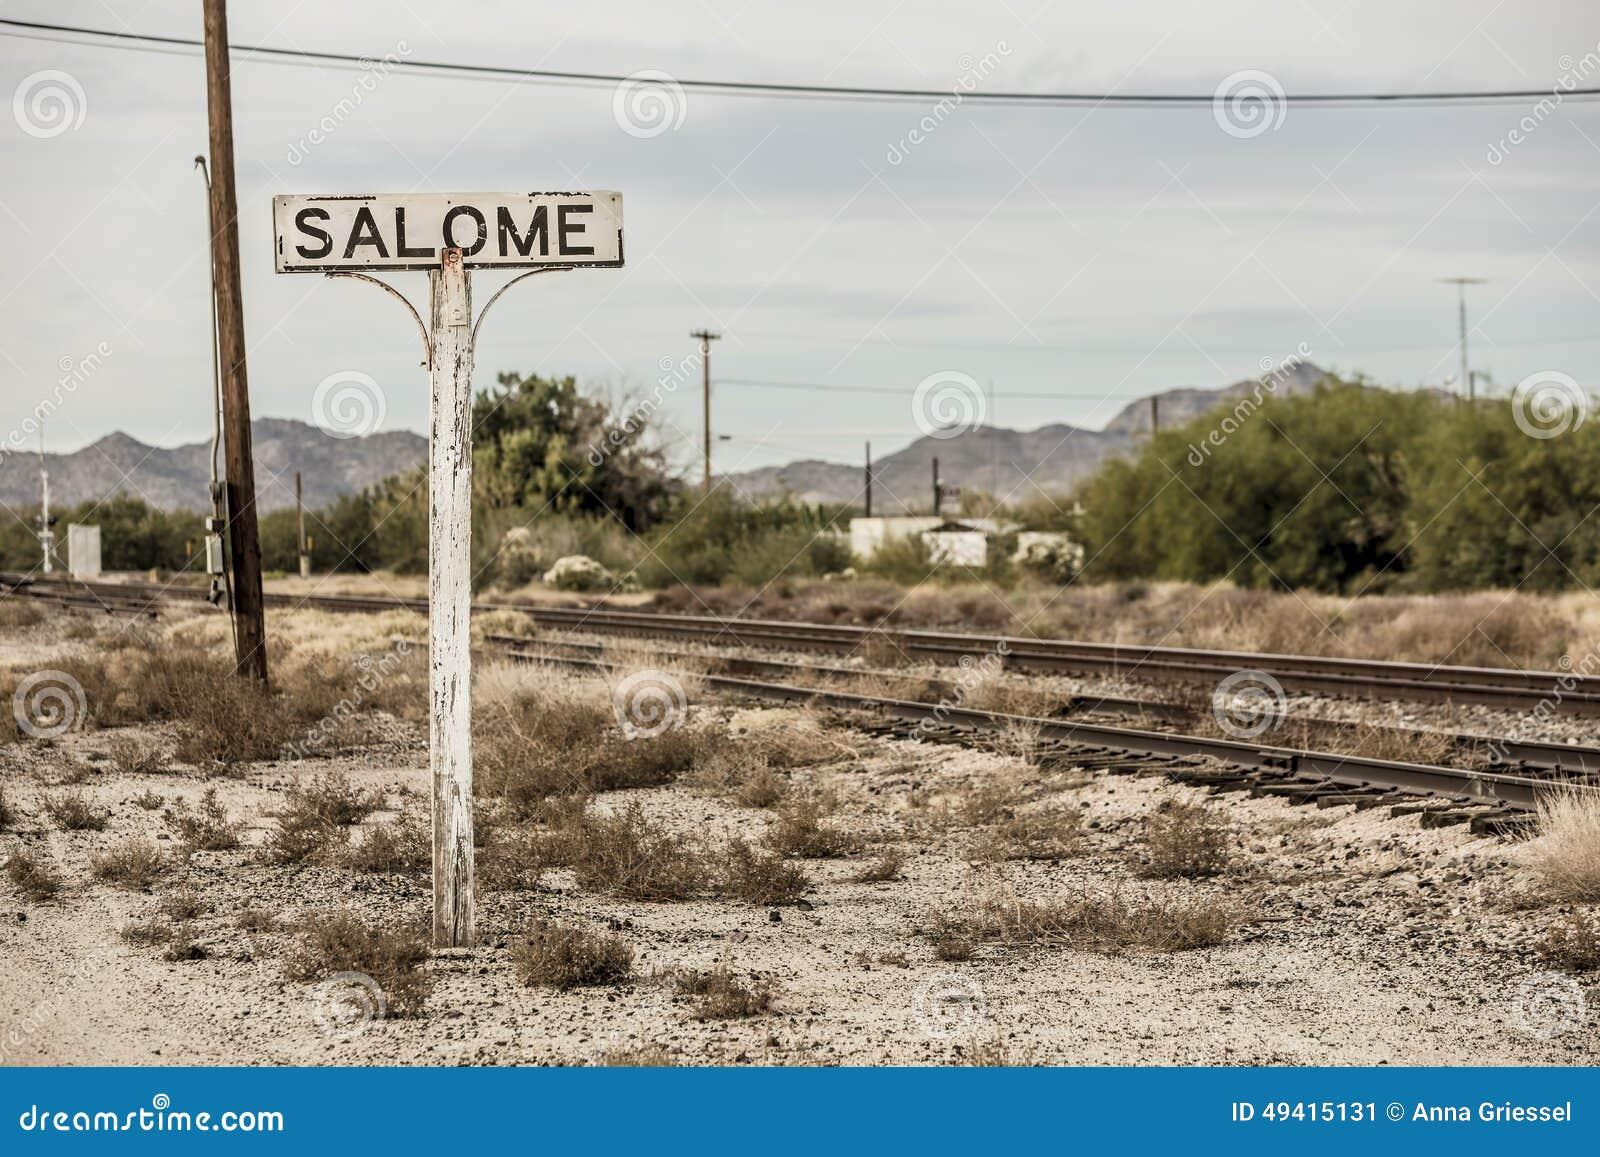 Download Bahnstrecken in Arizona stockbild. Bild von leer, eisenbahn - 49415131